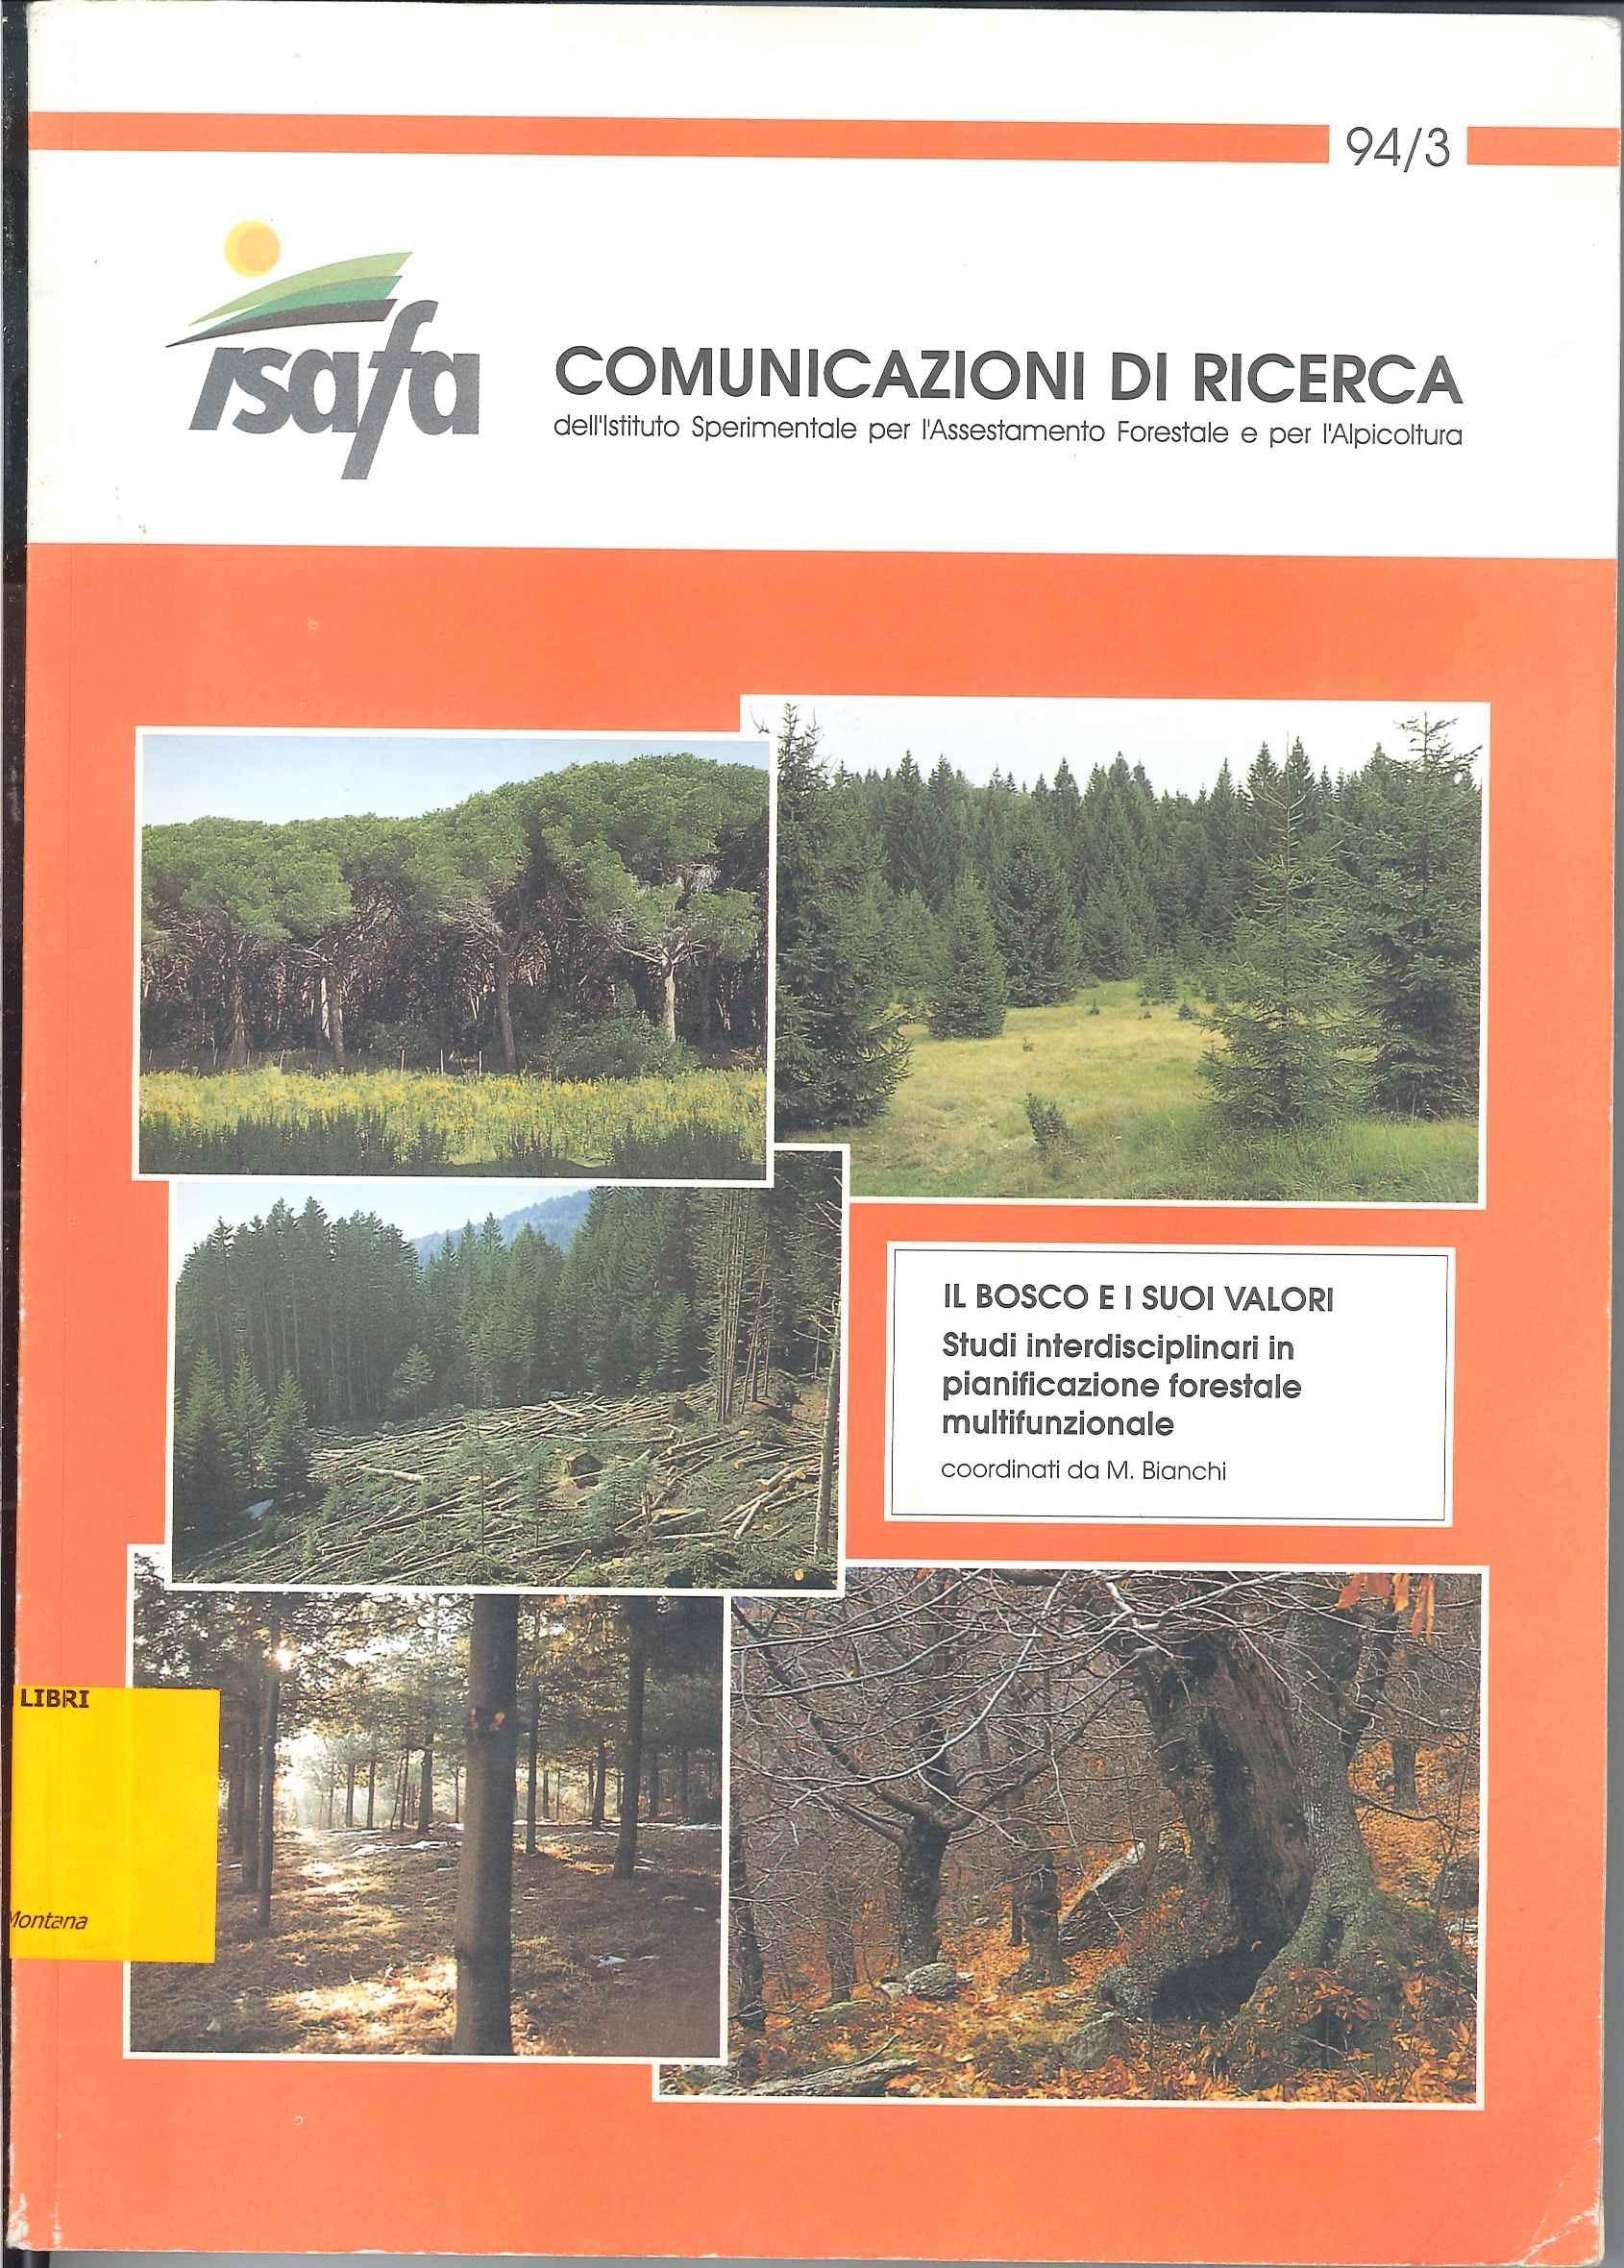 Il bosco e i suoi valori